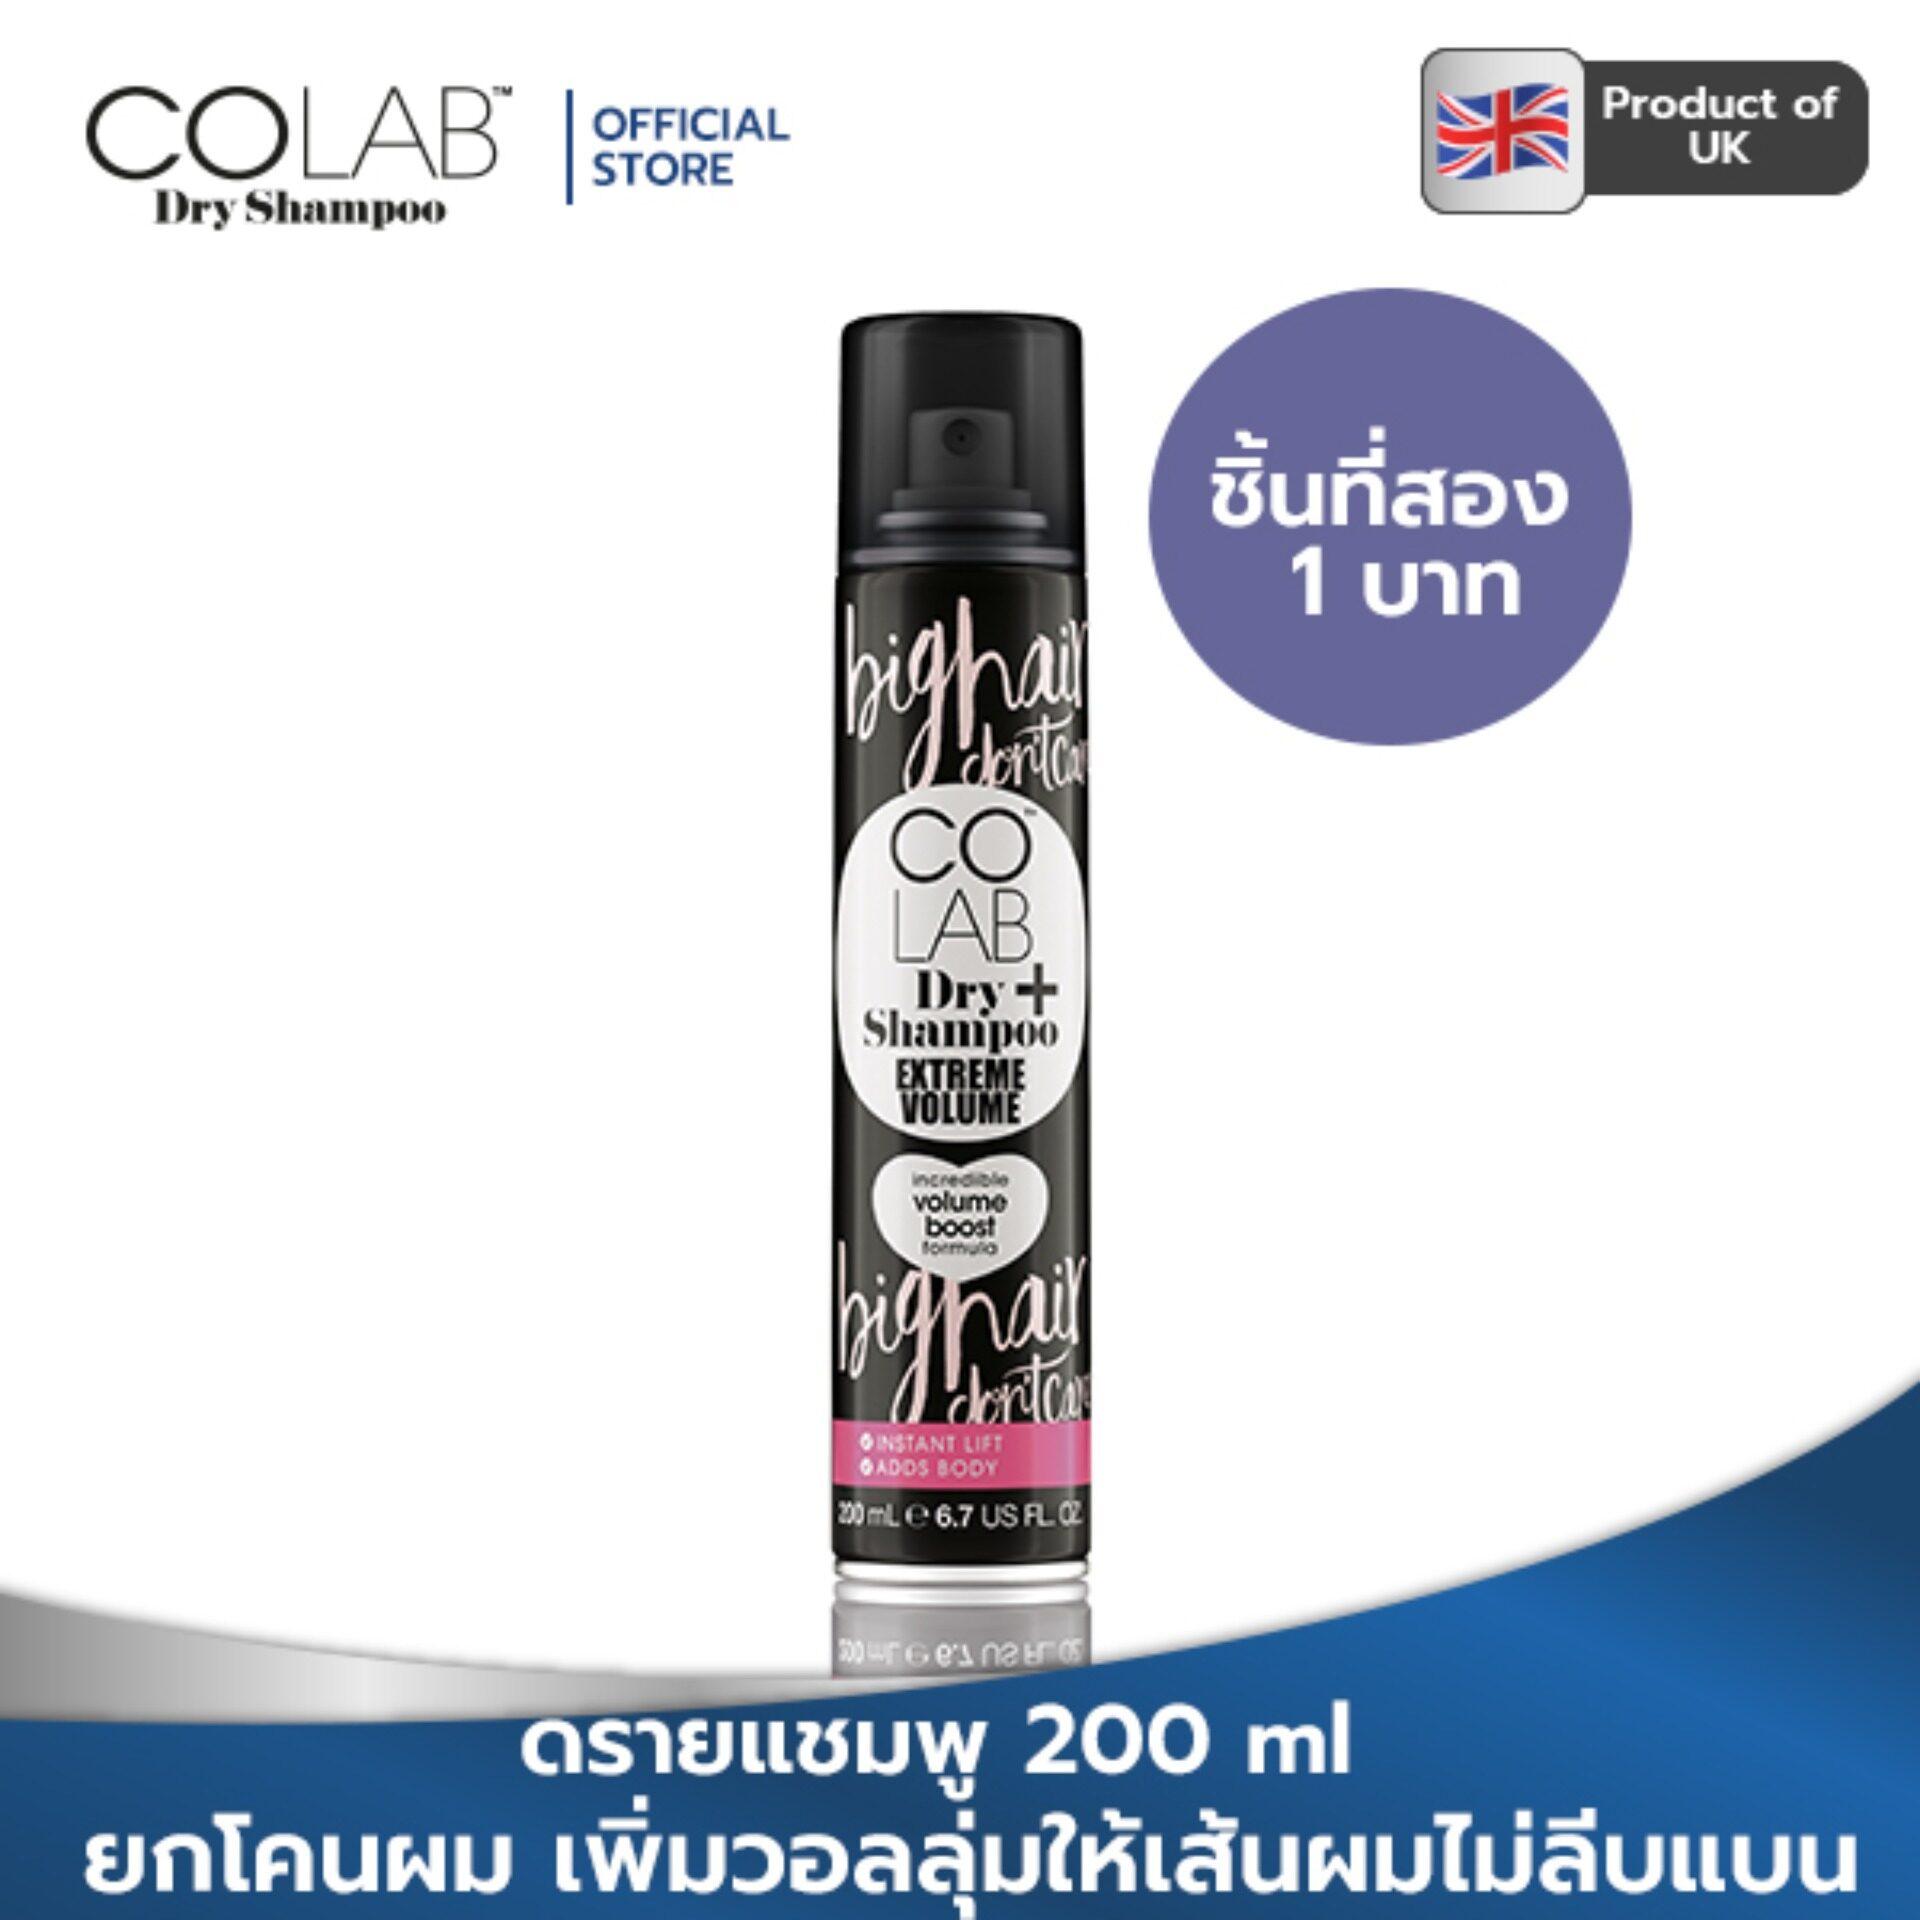 [ชิ้นที่สอง 1 บาท] Colab Extreme Volume Dry Shampoo ดรายแชมพู กลิ่นหอมเย้ายวน เพิ่มวอลลุ่มให้เส้นผมไม่ลีบแบน ปริมาณ 200 Ml..